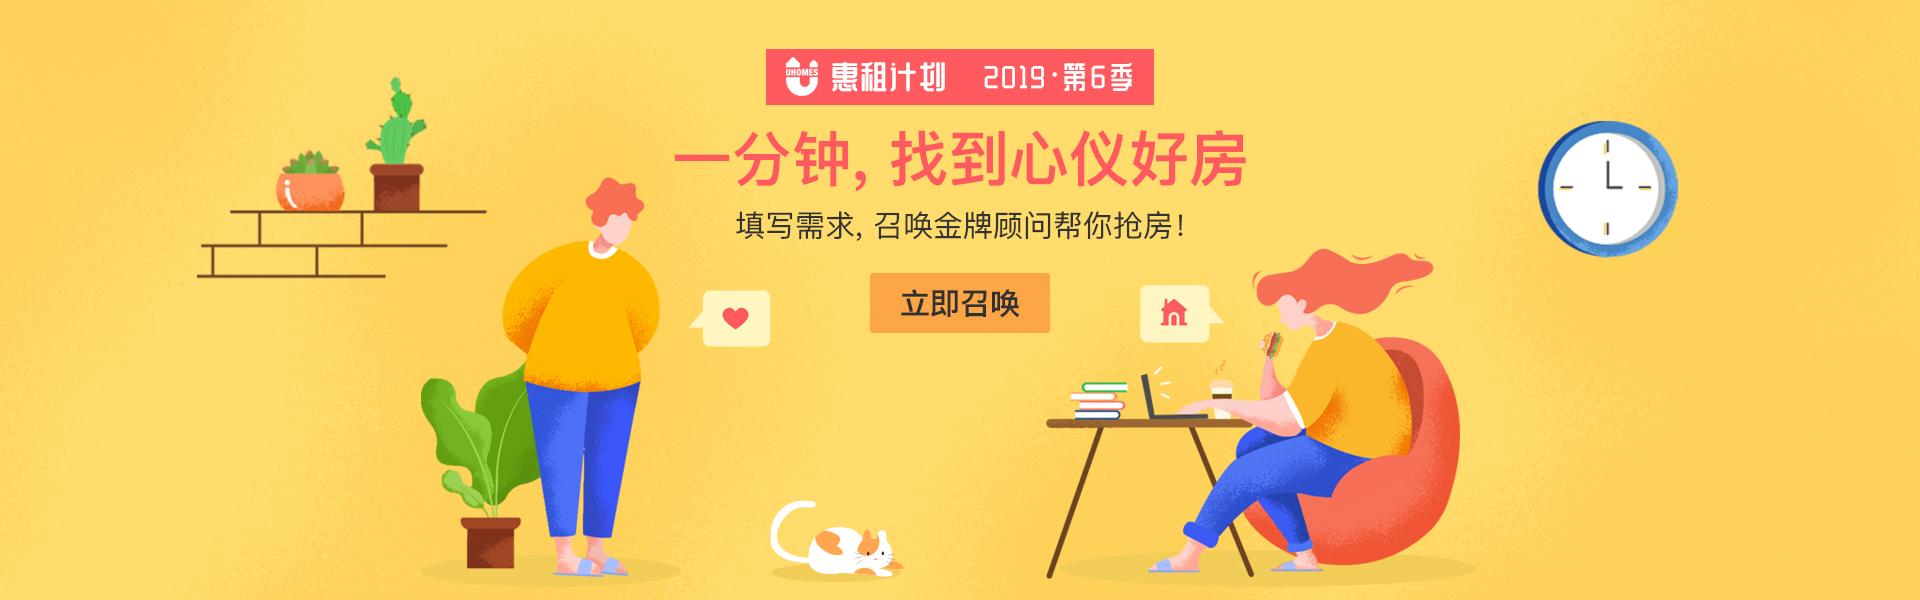 U惠租计划第六季